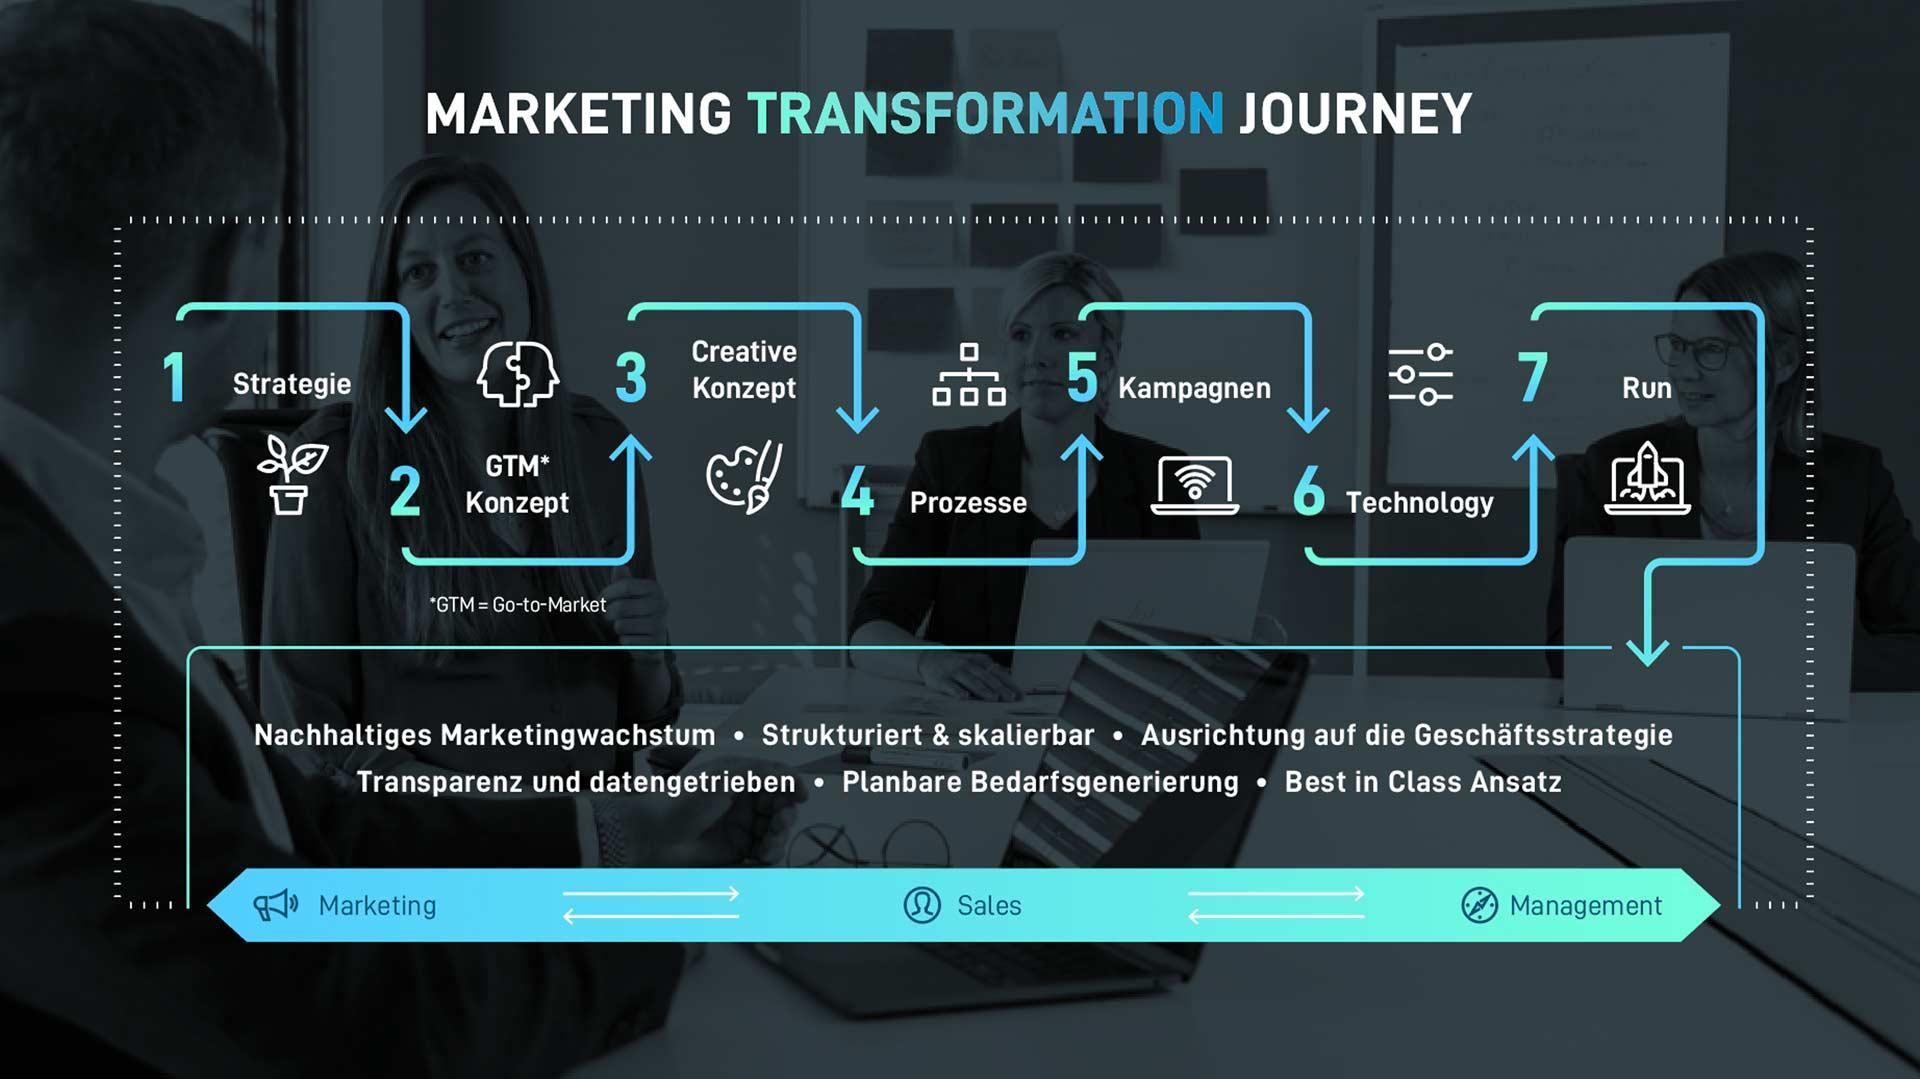 Marketing Transformation Journey von Cloudbridge